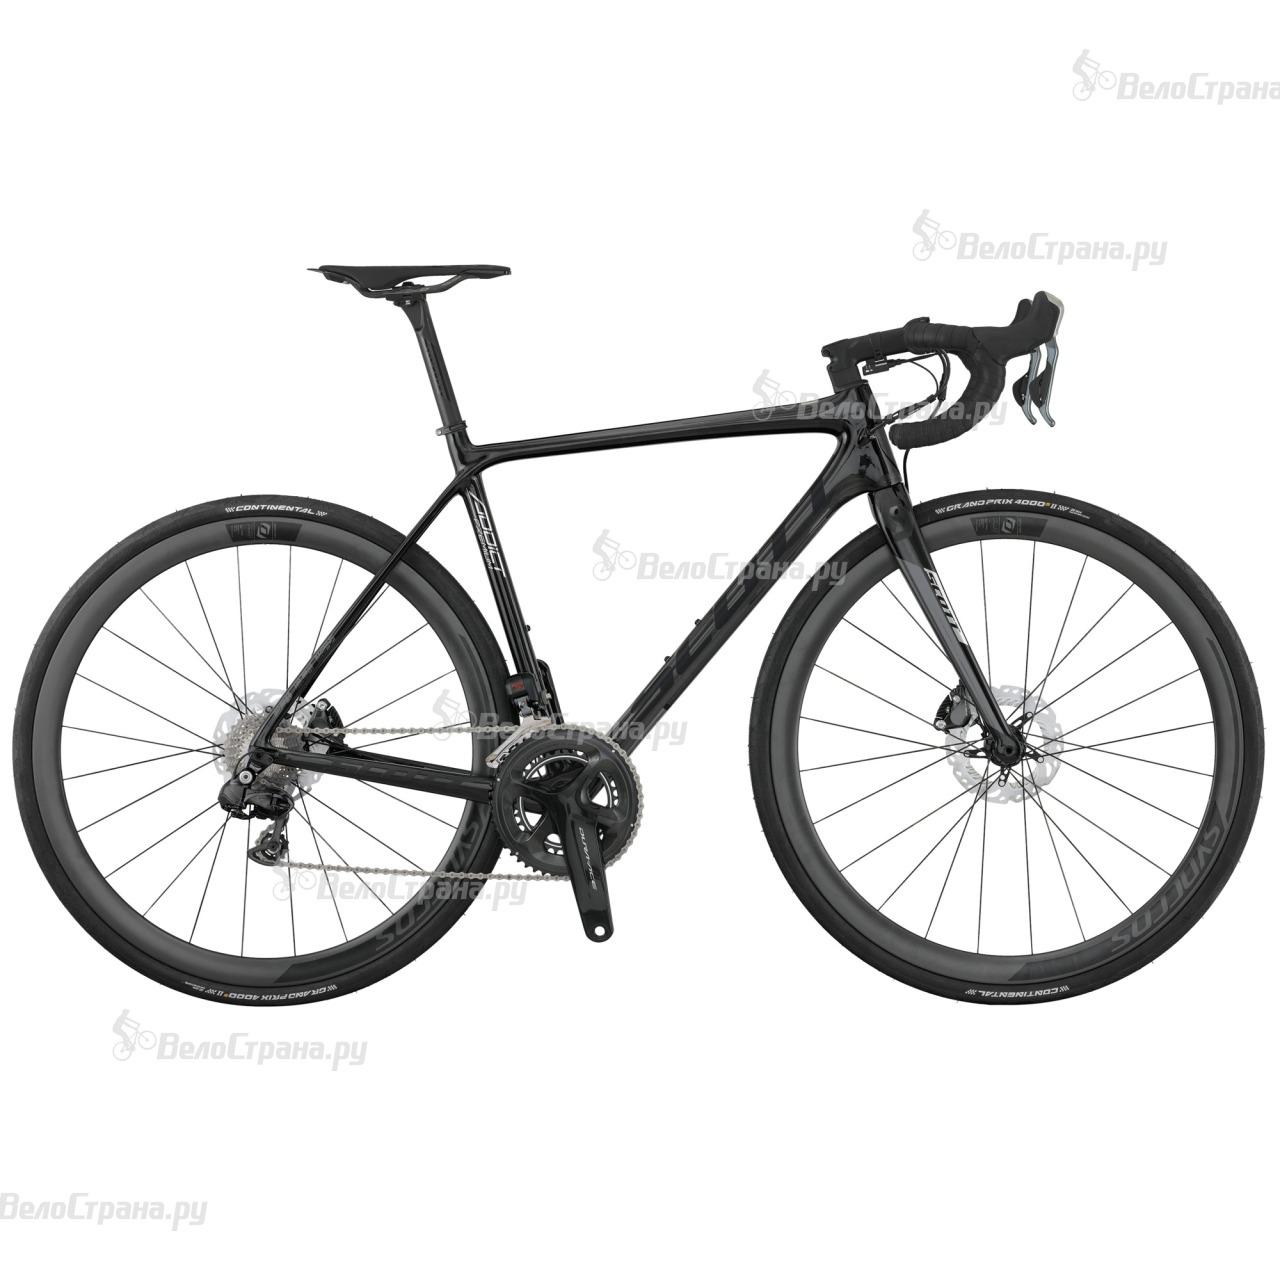 Велосипед Scott Addict Premium Disc Di2 (2017) scott addict sl compact 2015